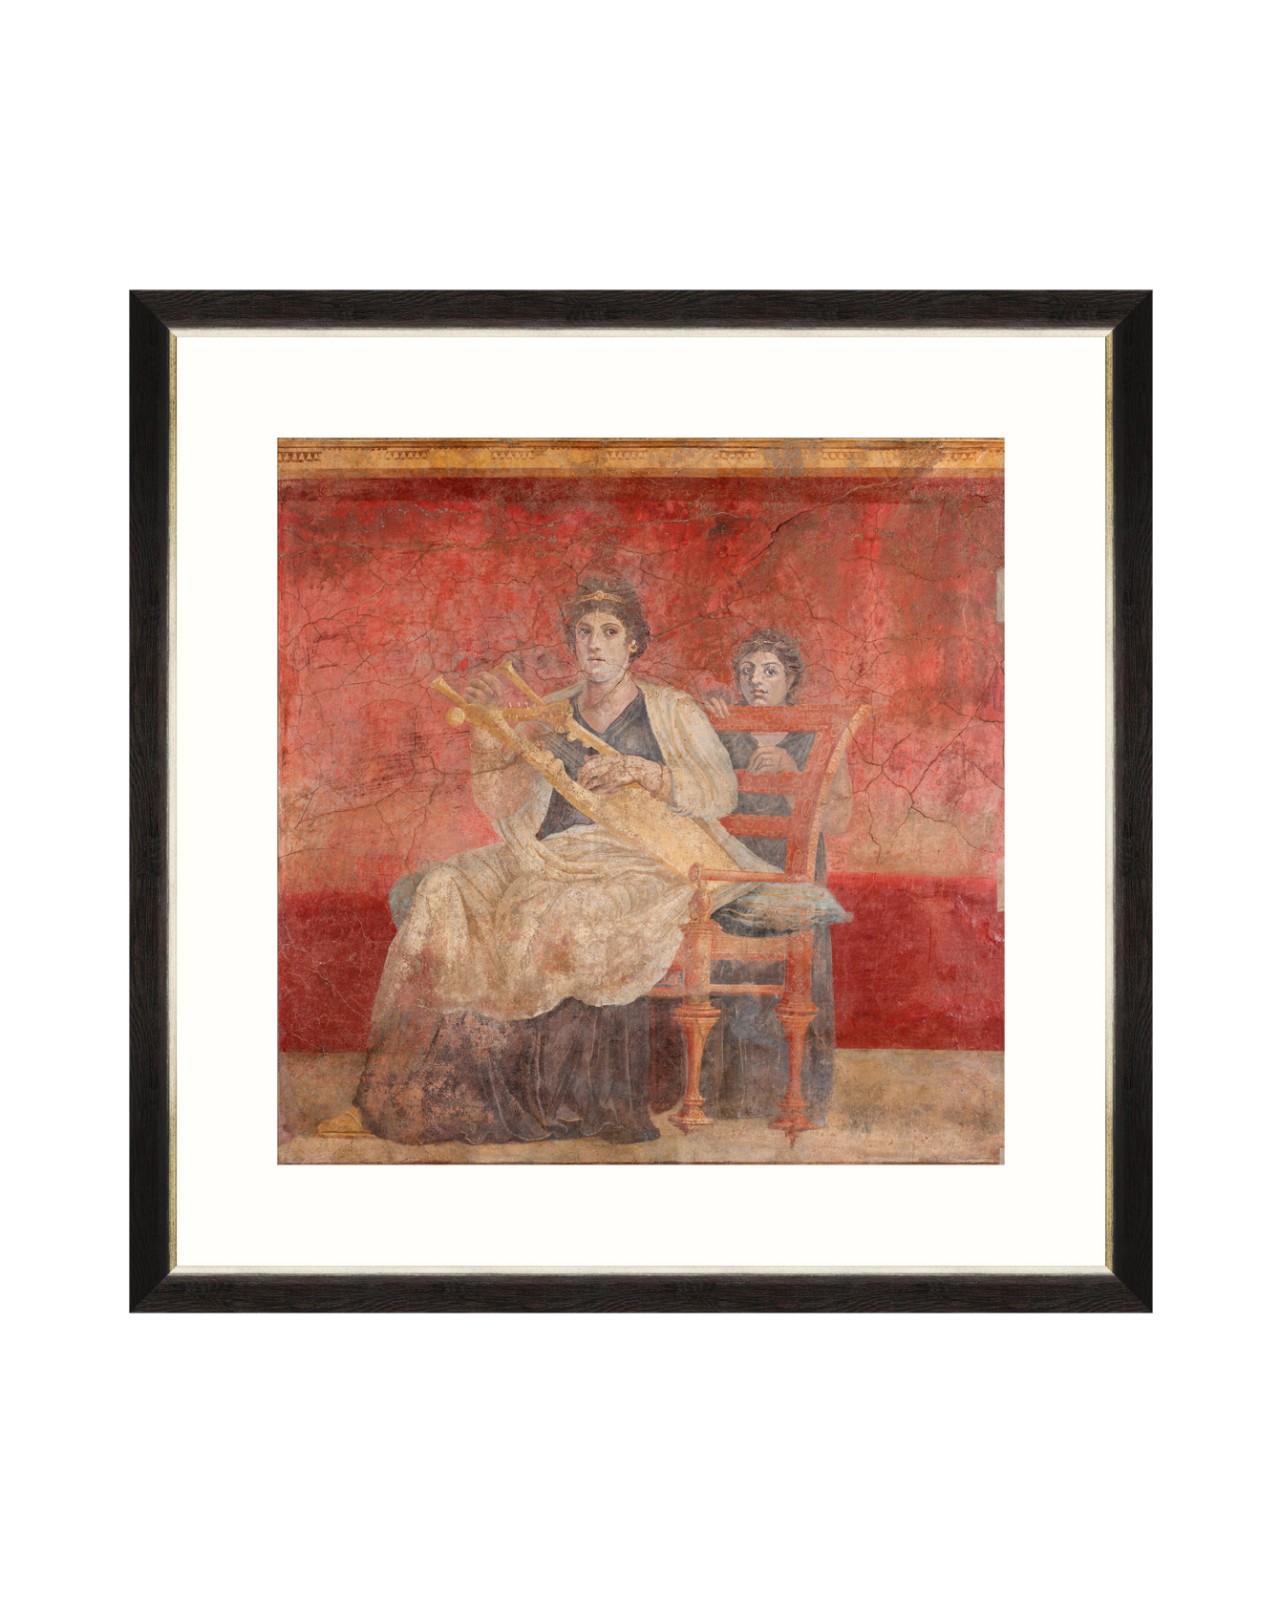 POMPEII WALL FRESCO I Framed Art